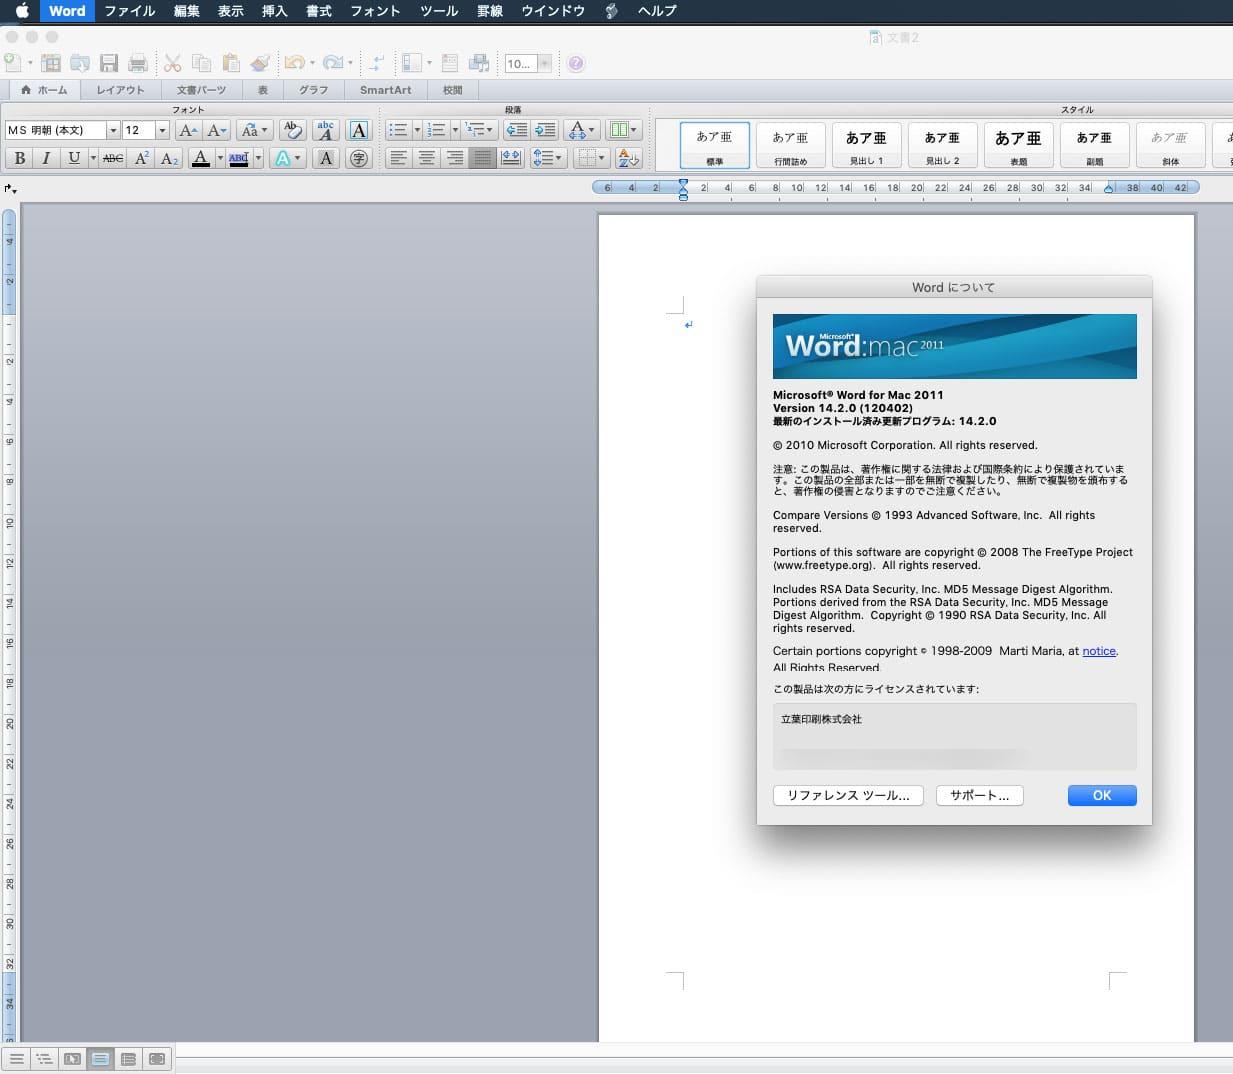 「Wordについて」と書かれたページが出てきました。 mac版Word2011であることが確認できます。